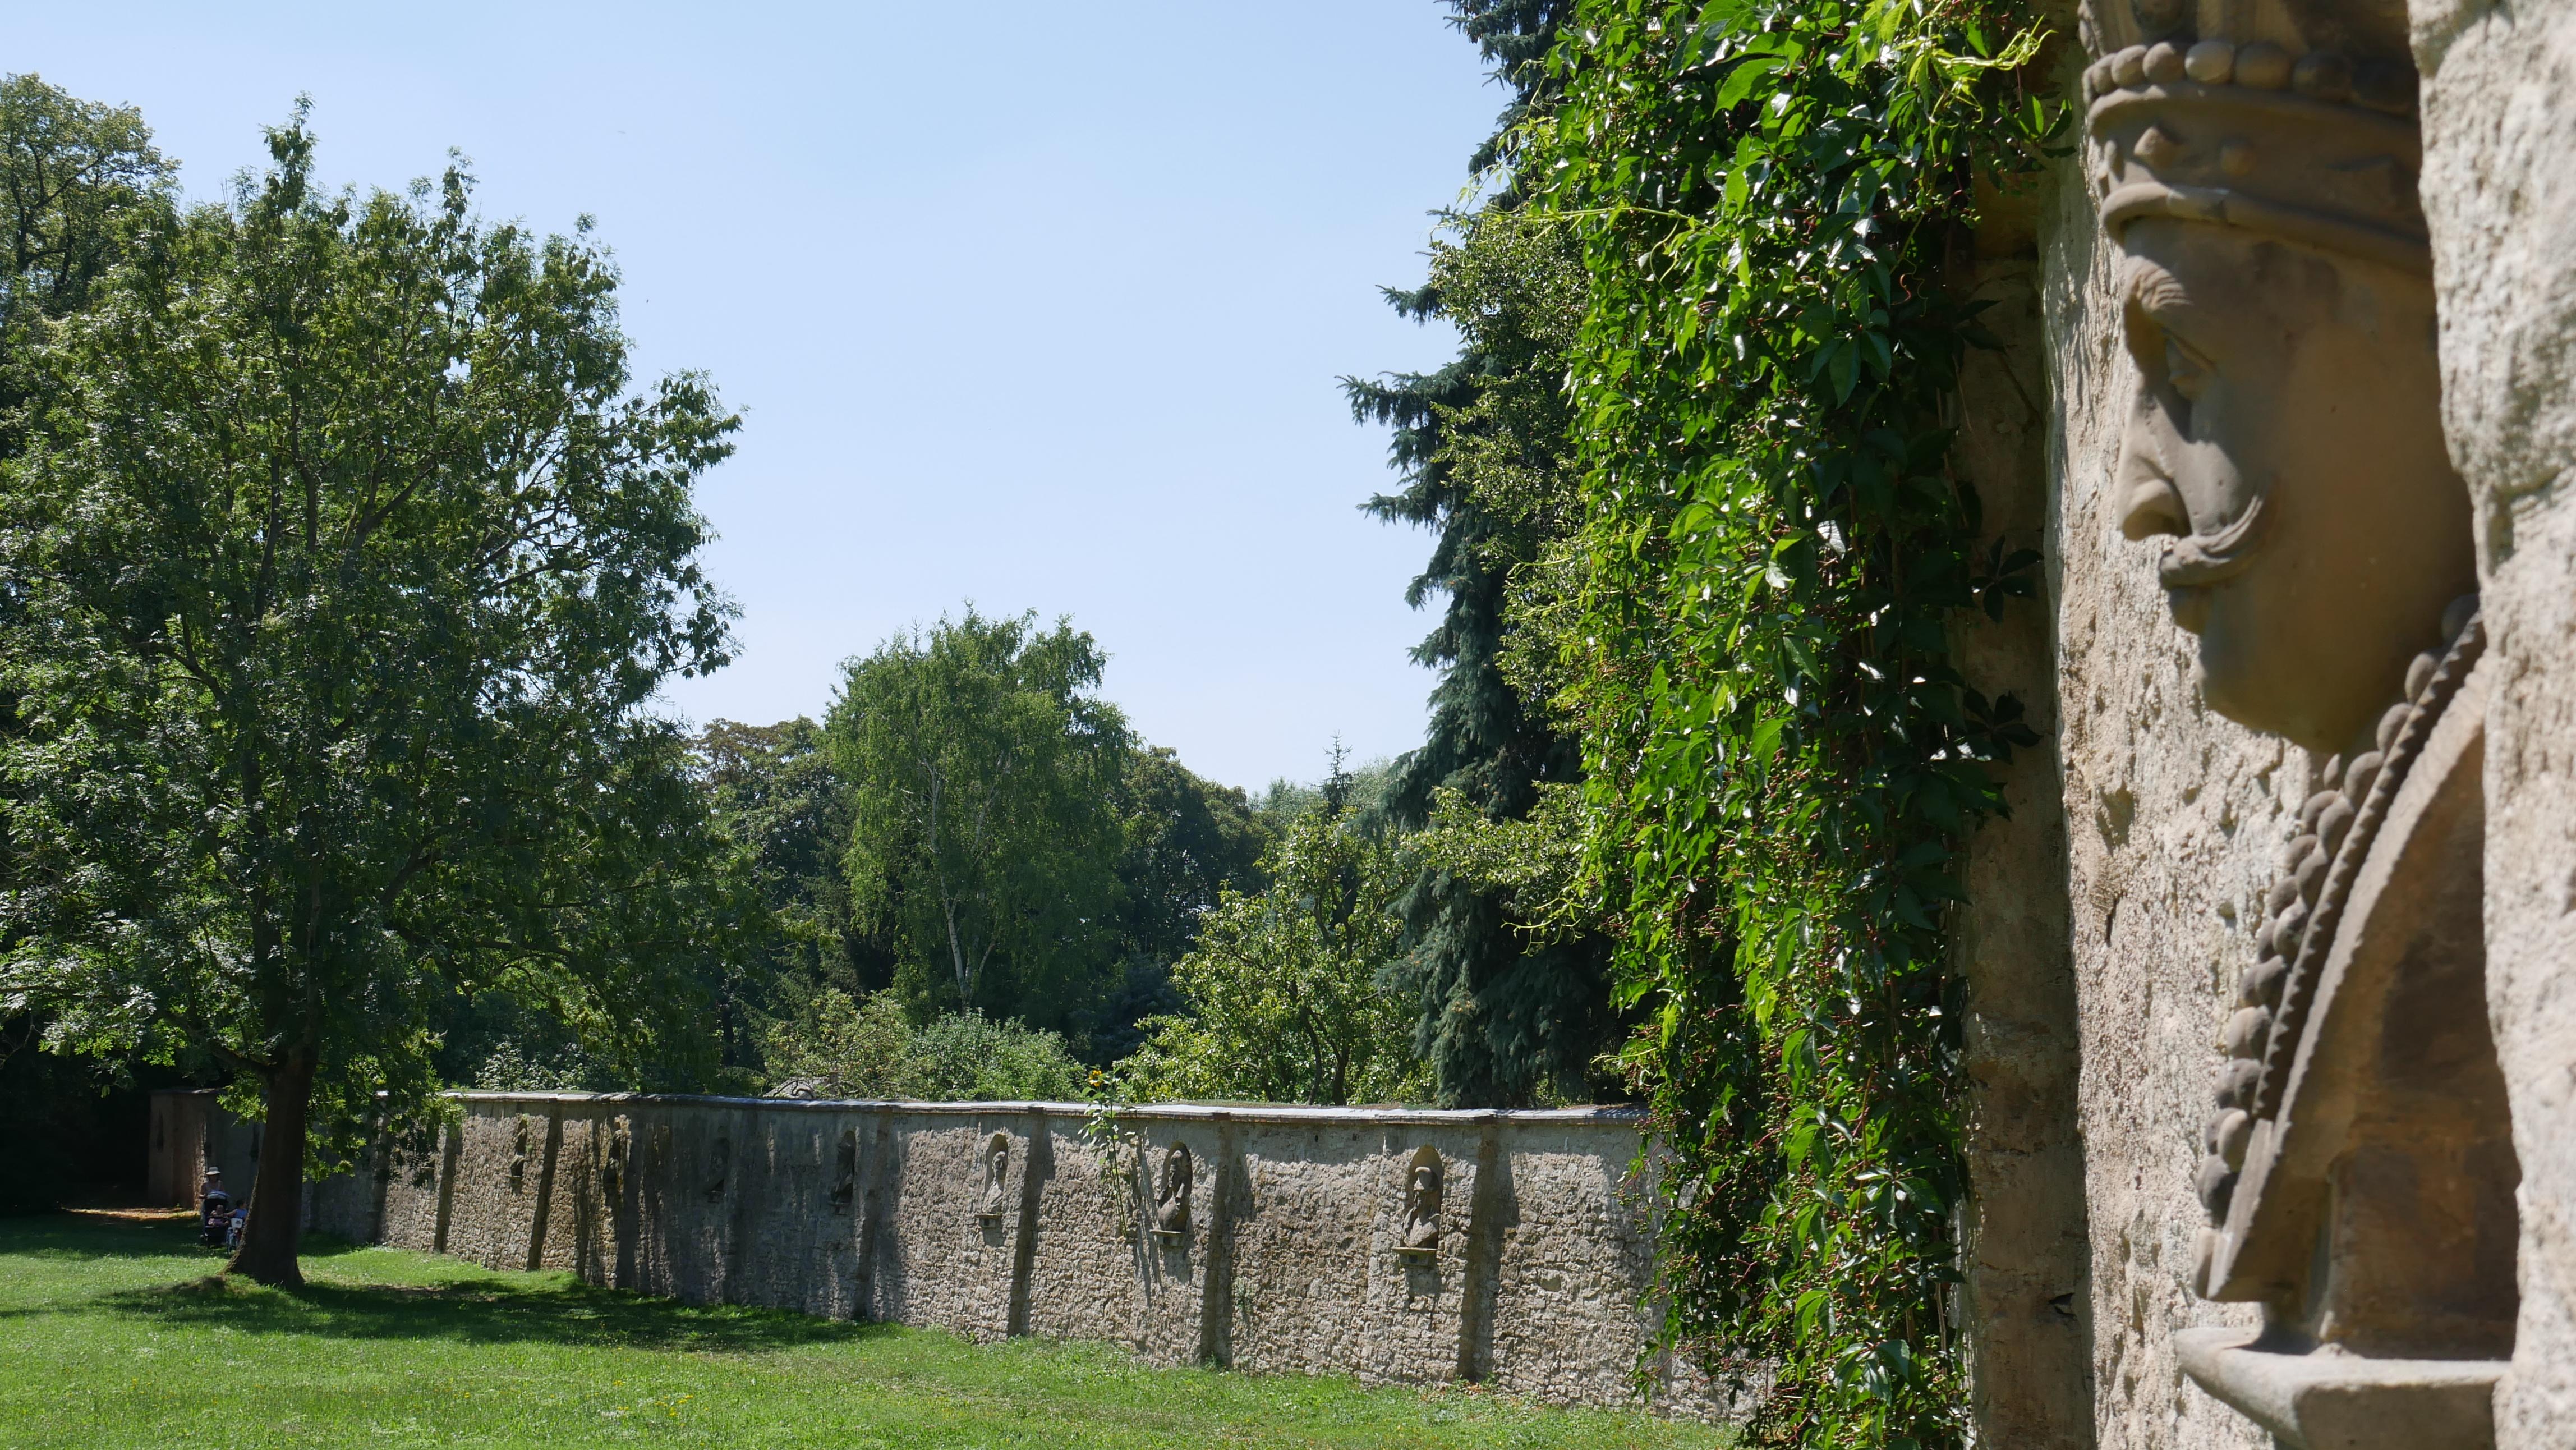 Der 60 Hektar Große Landschaftspark U2013 Ebenfalls UNESCO Welterbe U2013 Liegt Am  Rande Der Weimarer Altstadt.